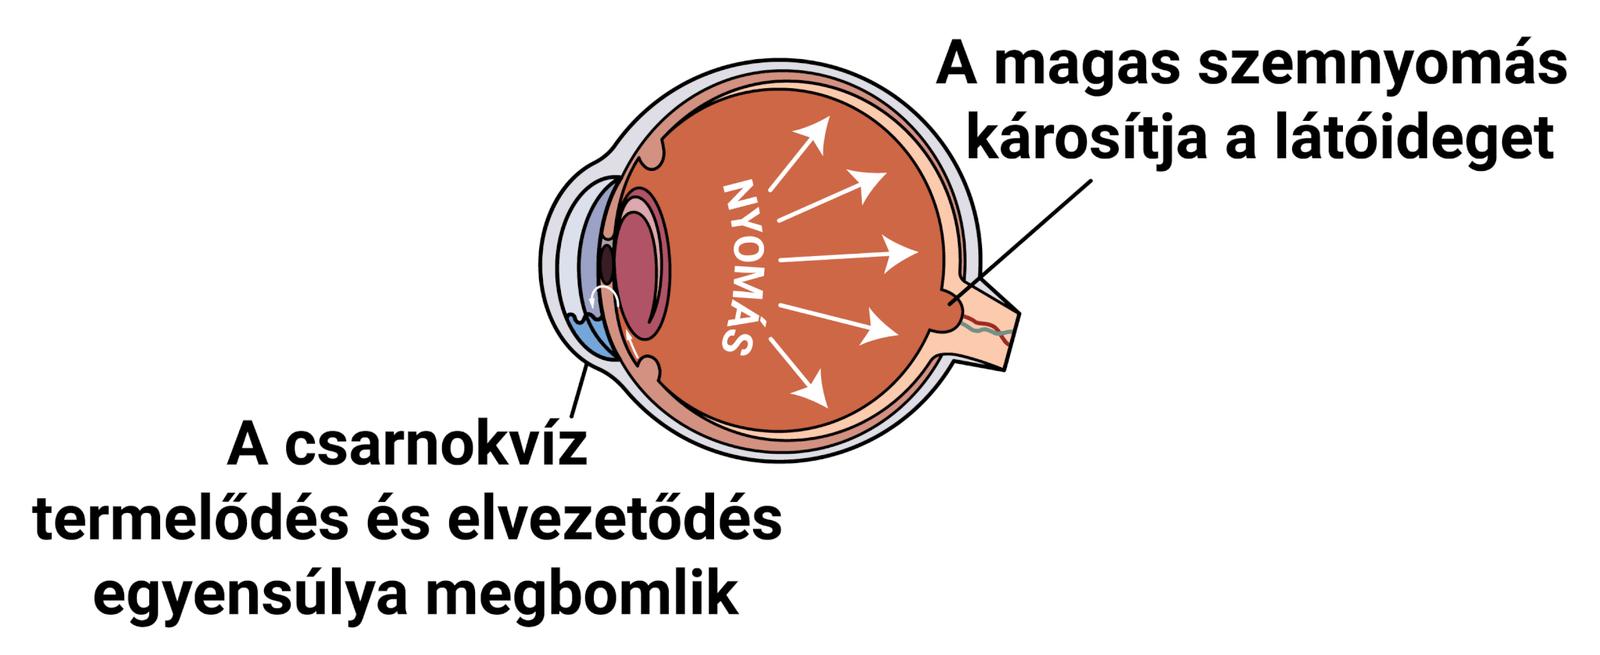 magas vérnyomás glaukóma)